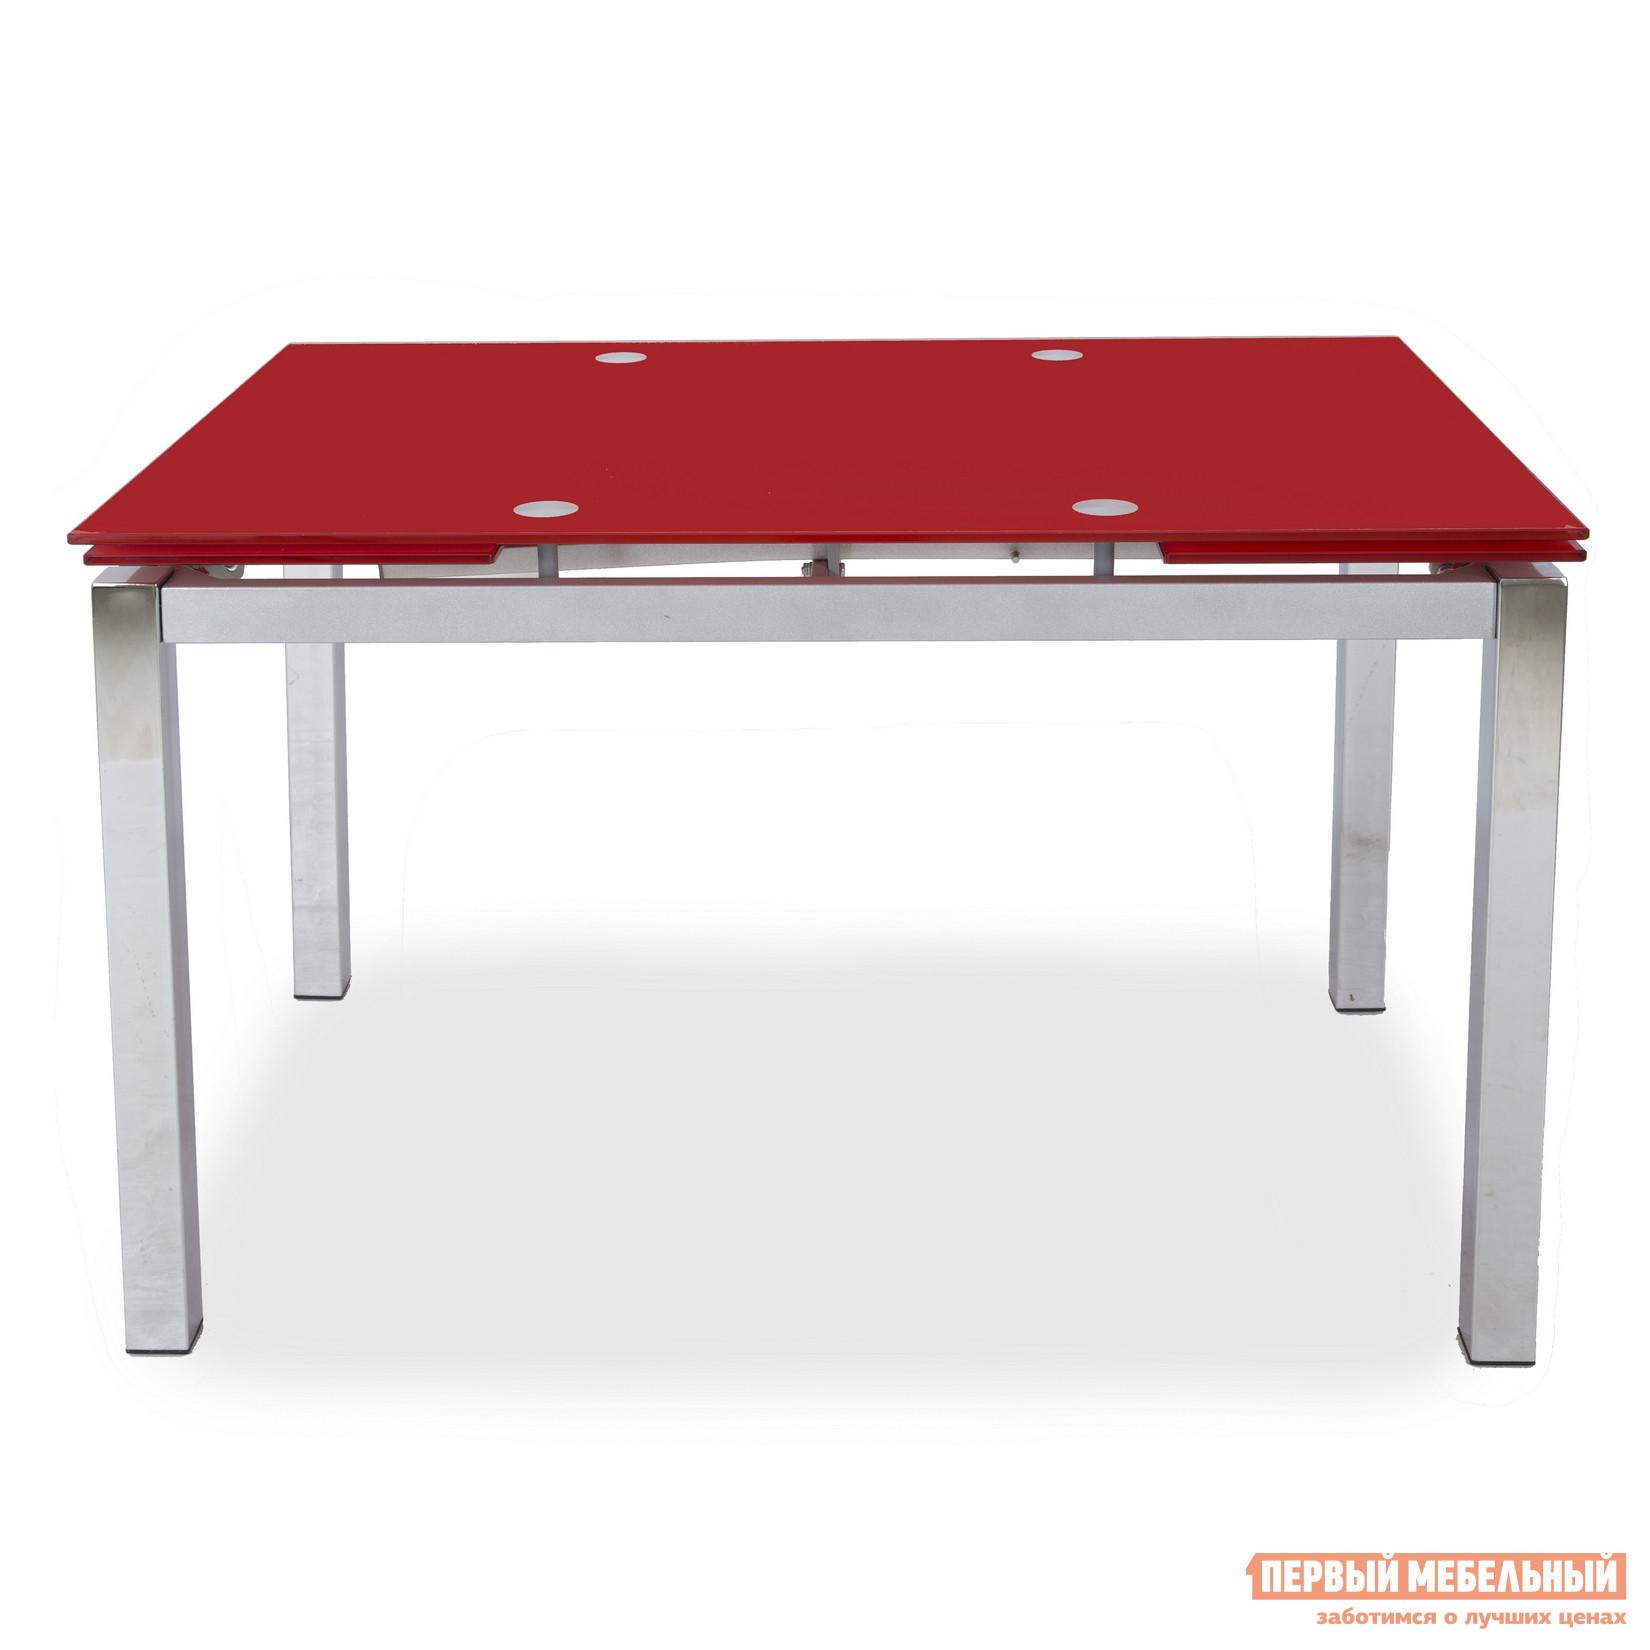 Кухонный стол Бентли Трейд S17 стоимость